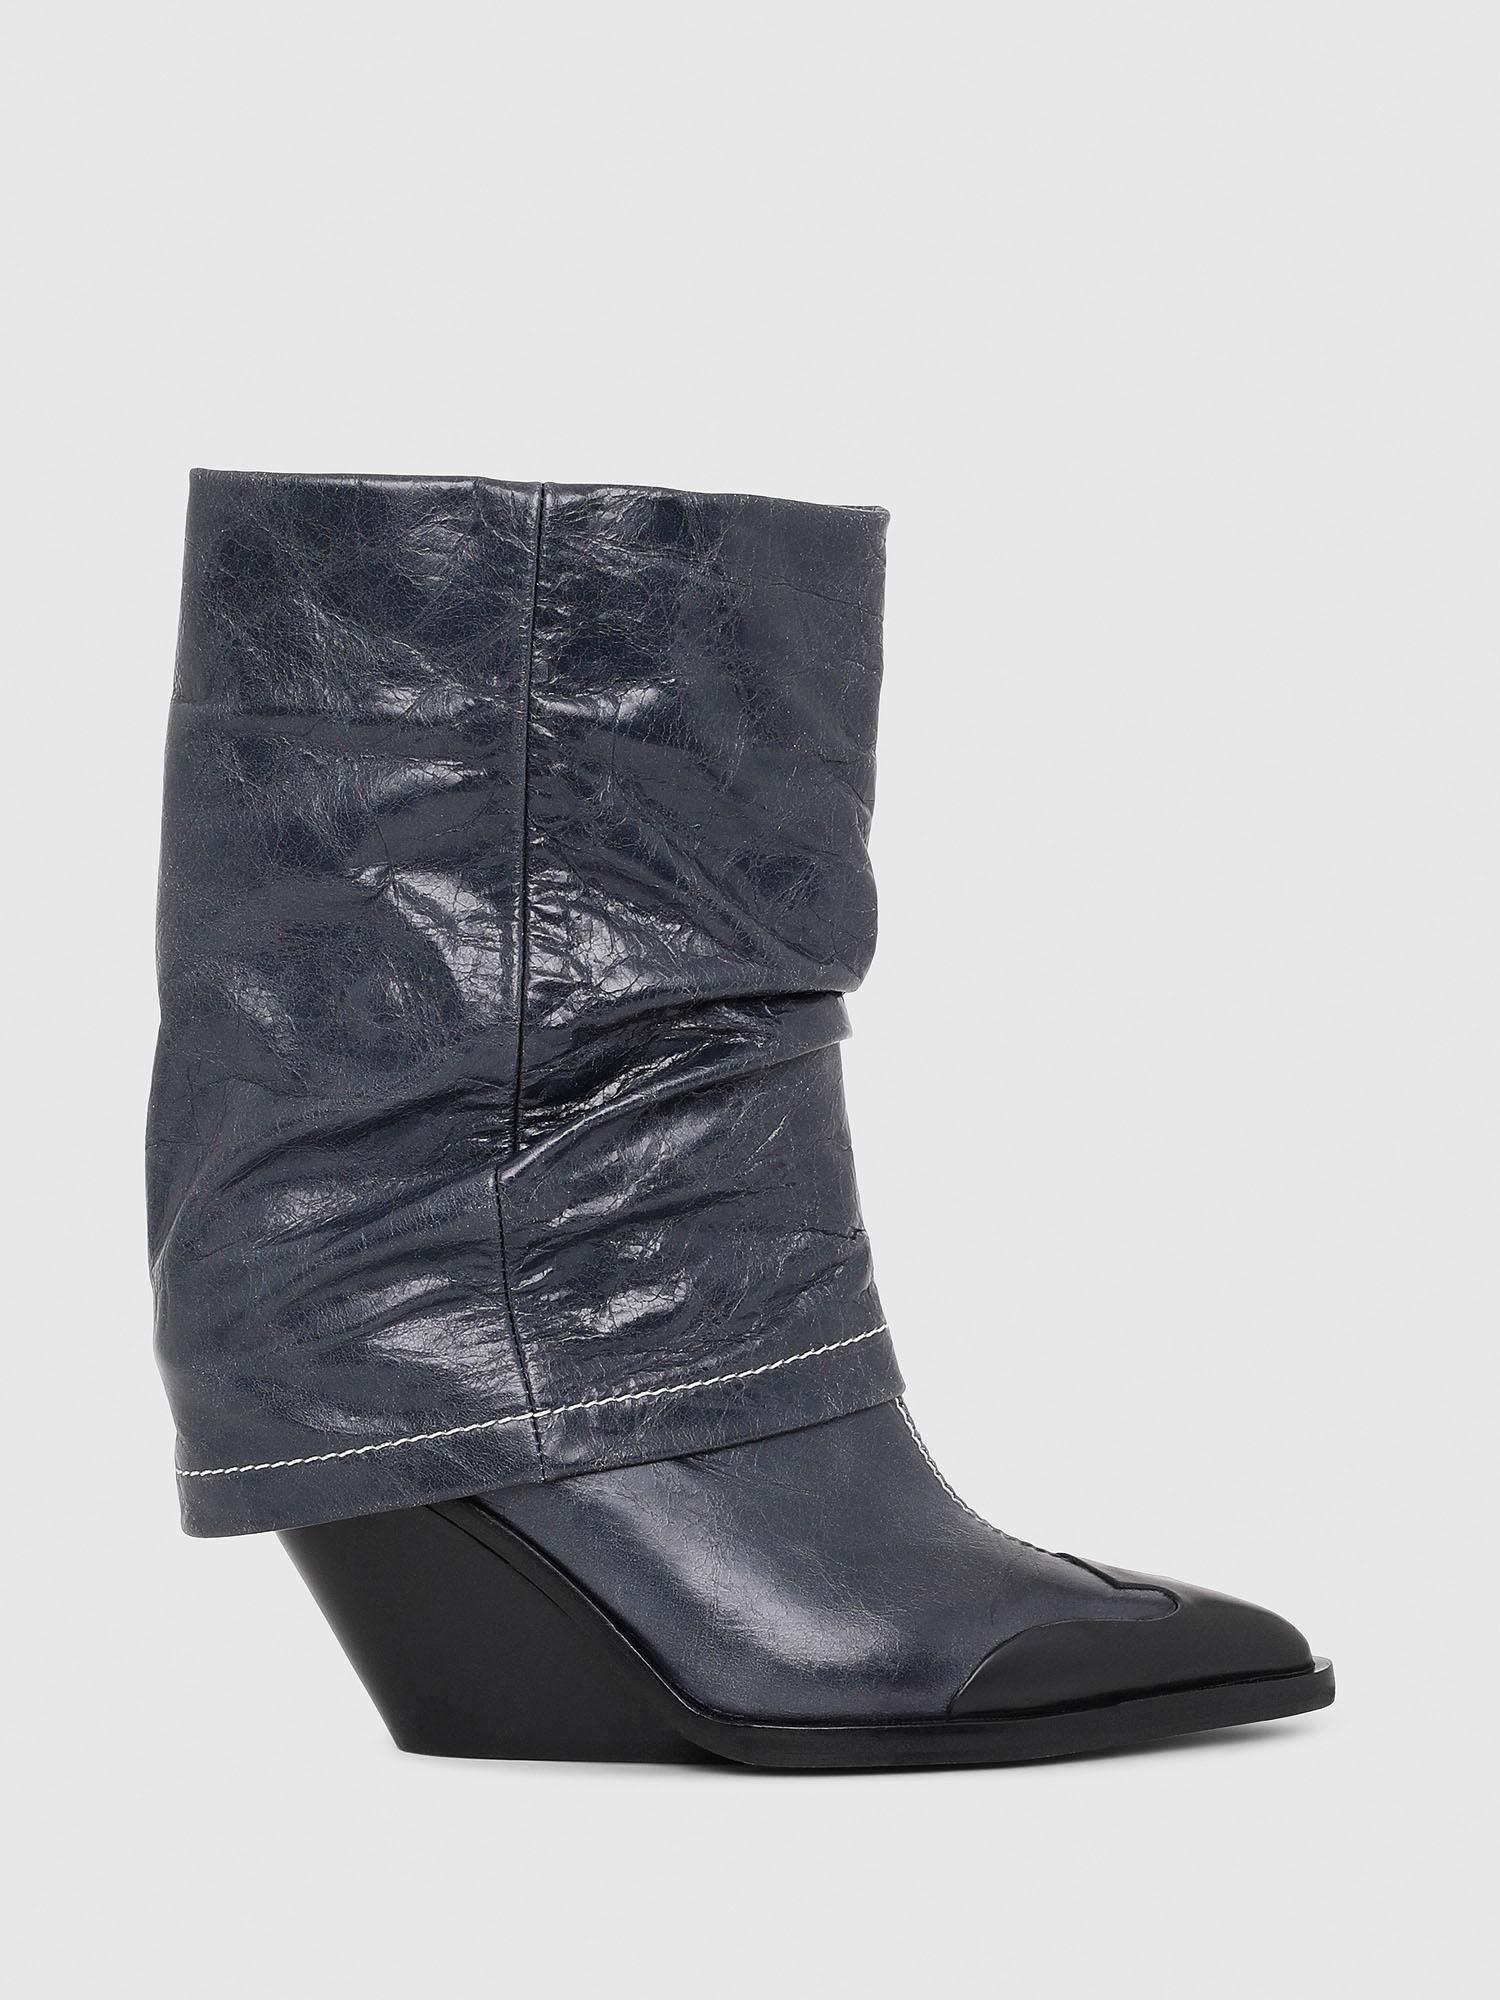 hot sale online 604af 50f9f D-WEST MB Damen: Ankle boots aus leder | Diesel